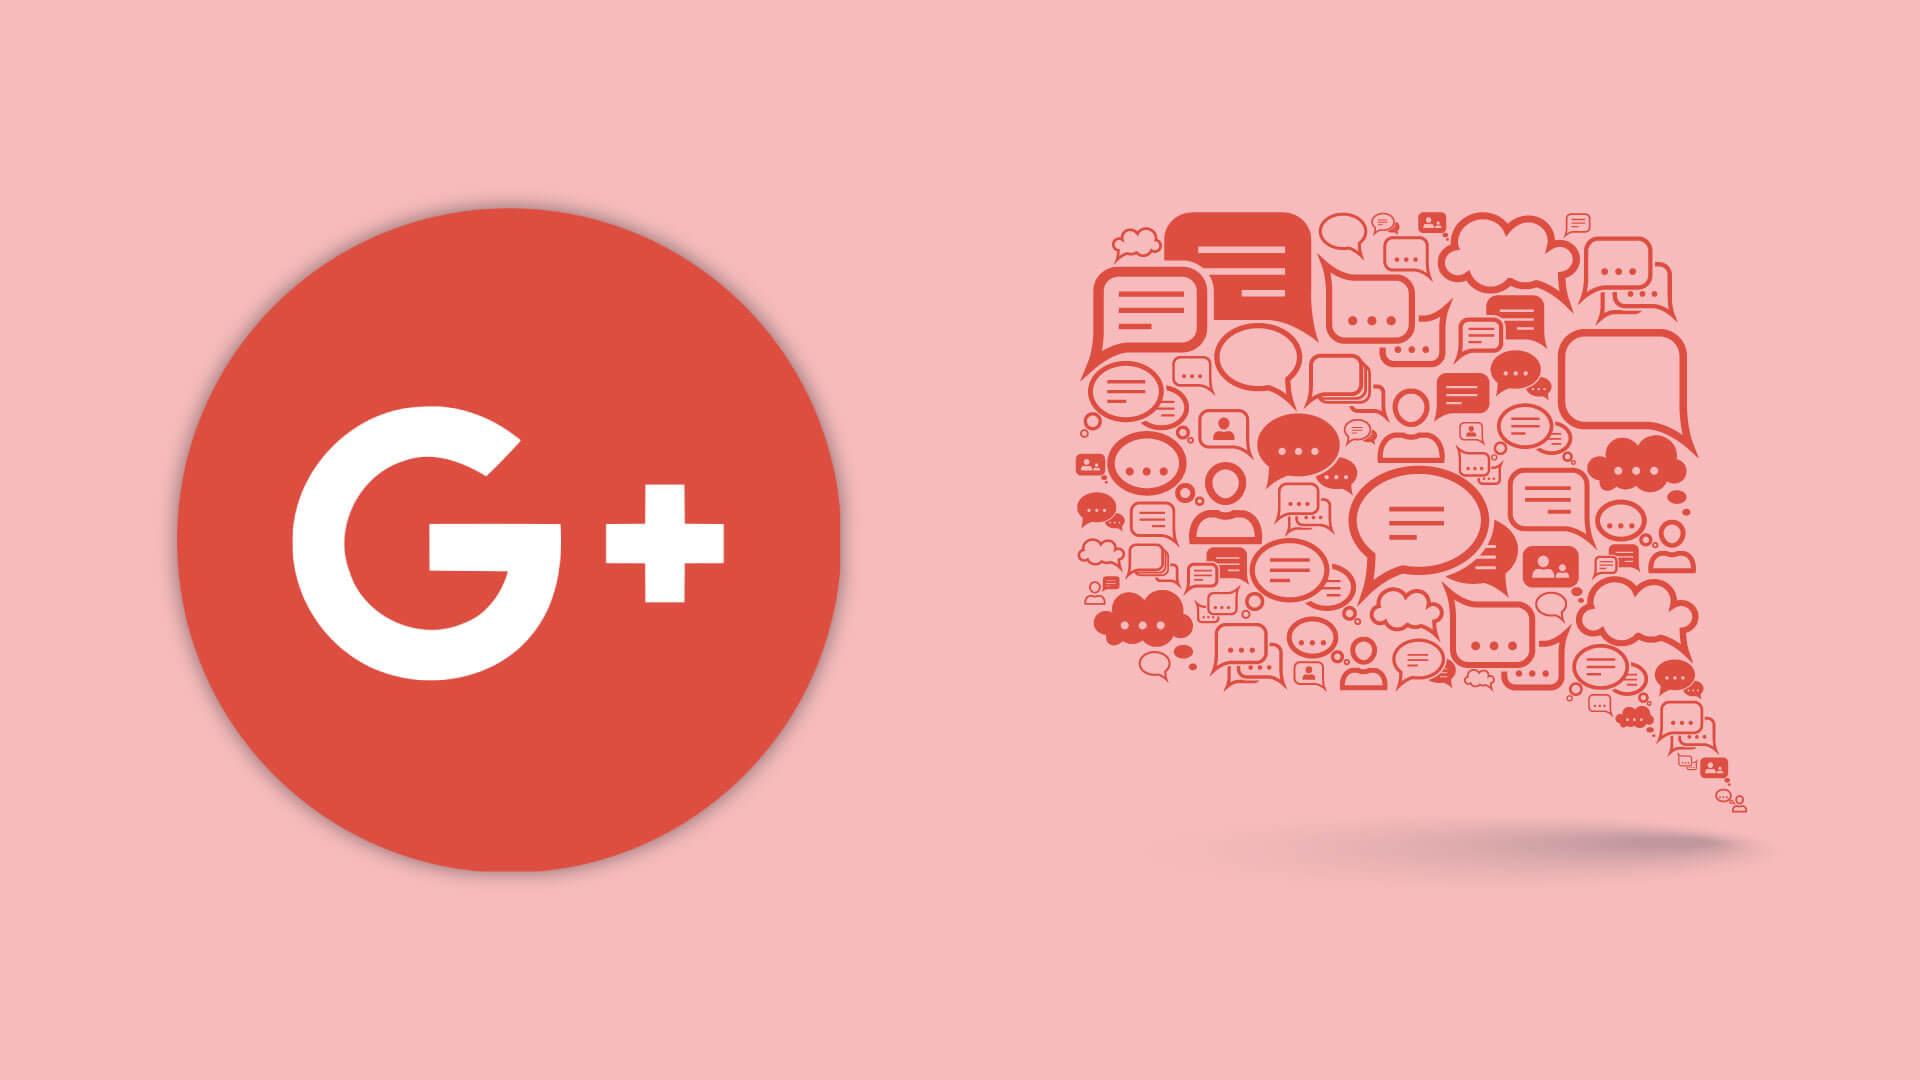 Come inviare un feedback a Google+